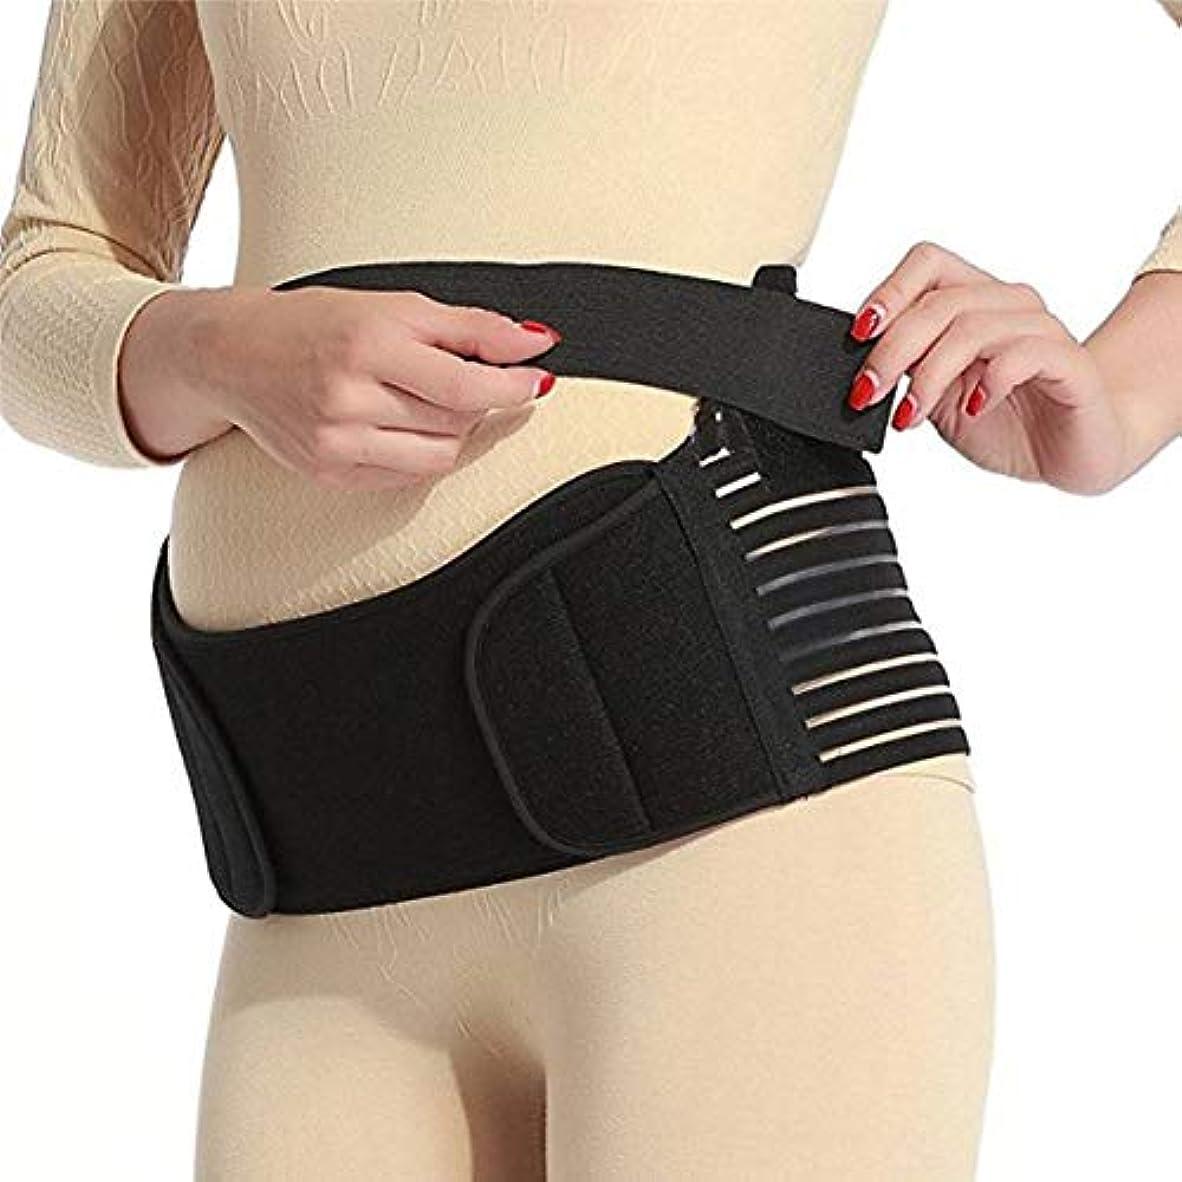 楽しむ売る十代通気性マタニティベルト妊娠中の腹部サポート腹部バインダーガードル運動包帯産後の回復shapewear - ブラックM